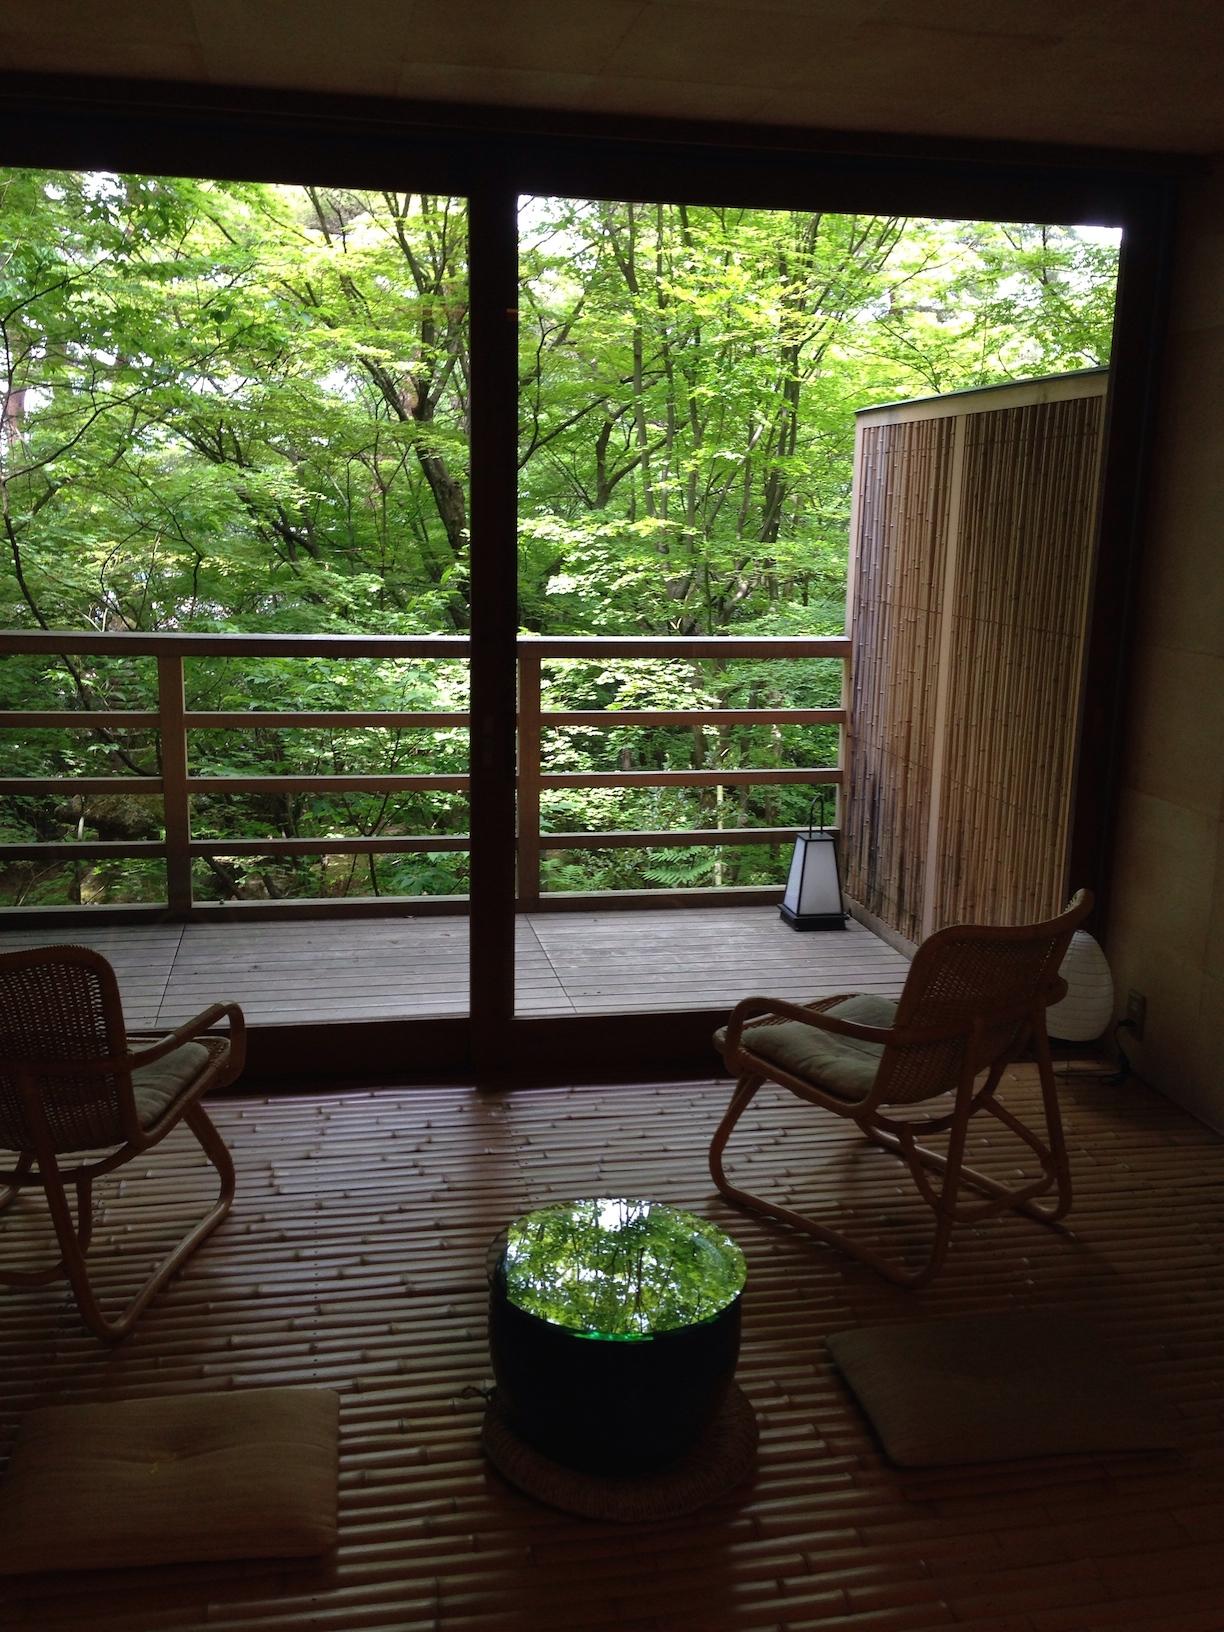 The view from a room at Beniya Mukayu